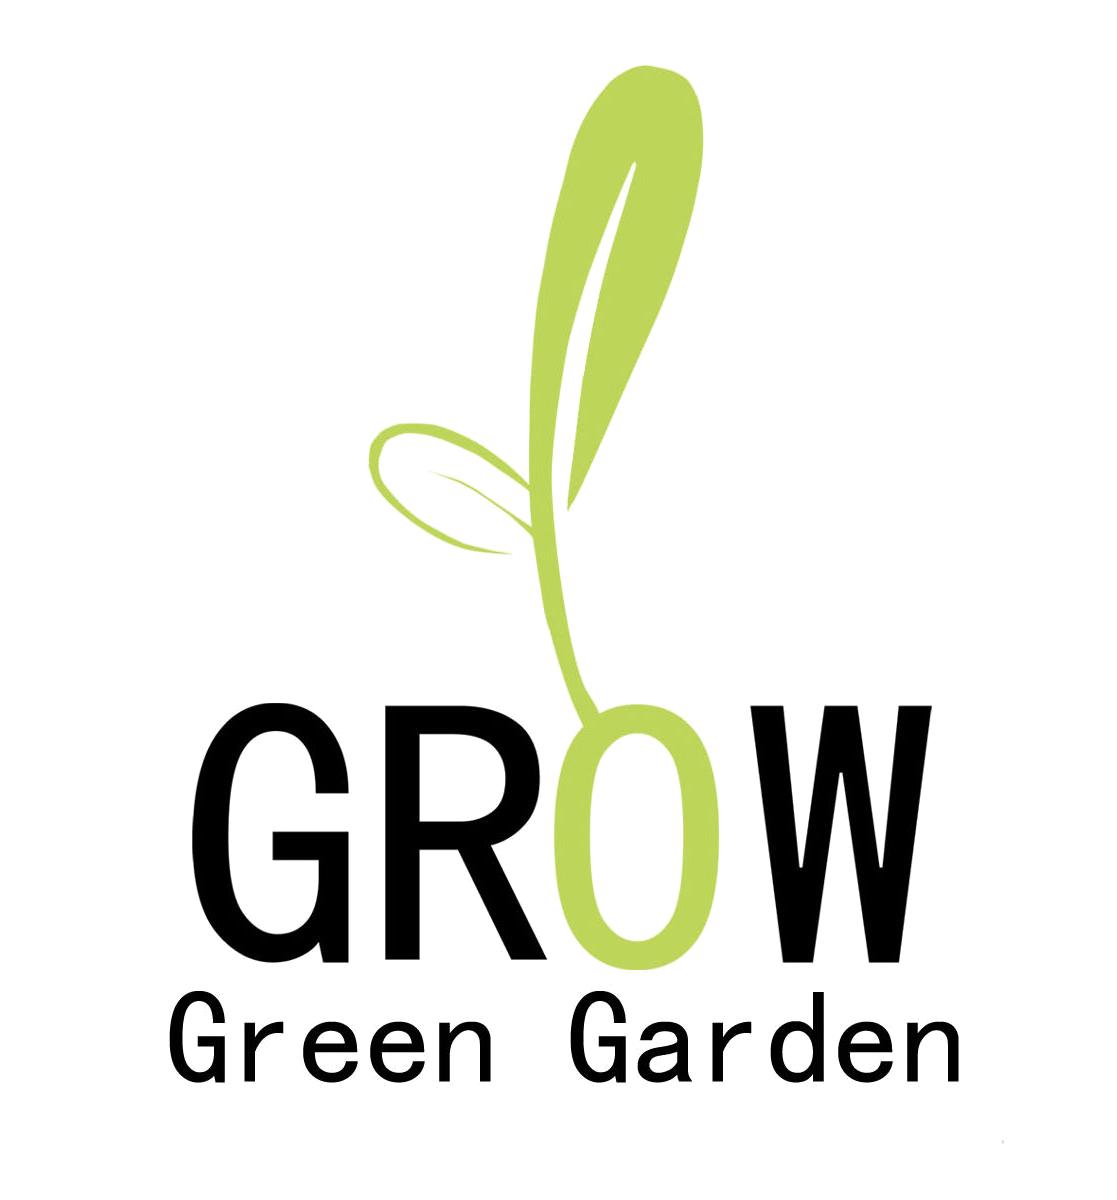 植物墻,屋頂綠化,墻體綠化,垂直綠化,立體綠化